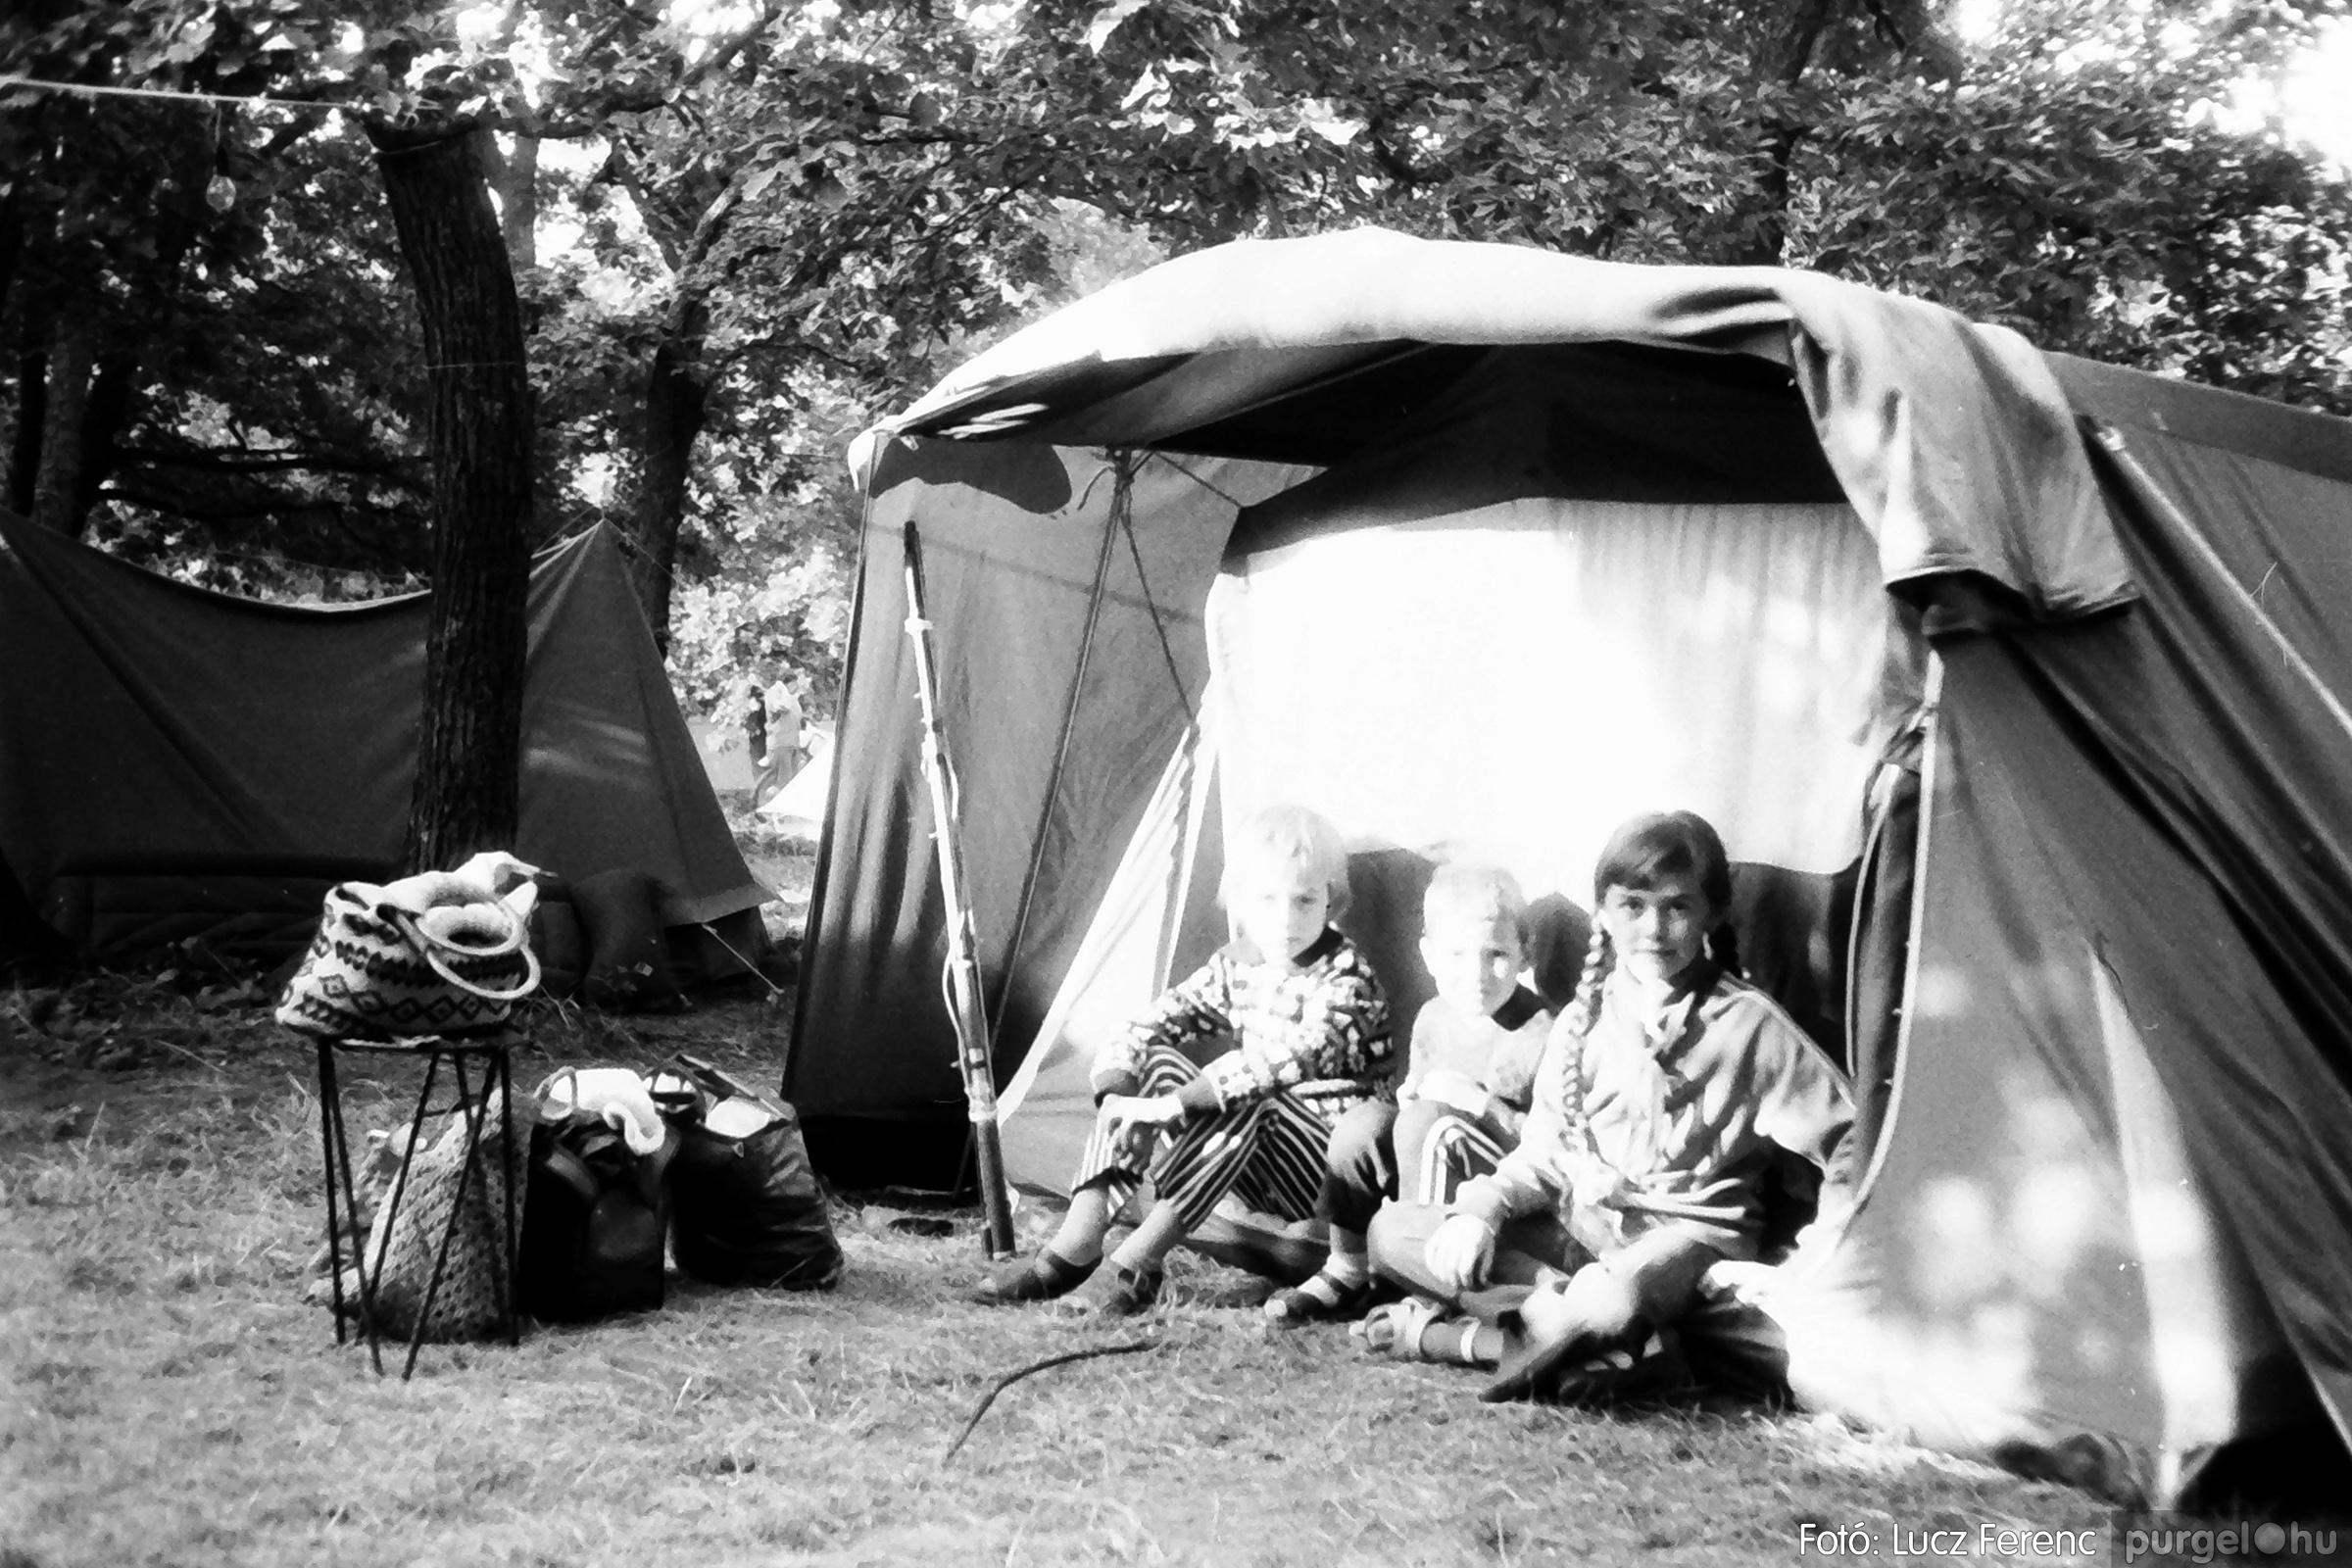 086, 088. 1977. Nyári tábor a Mátrában 064. - Fotó: Lucz Ferenc.jpg